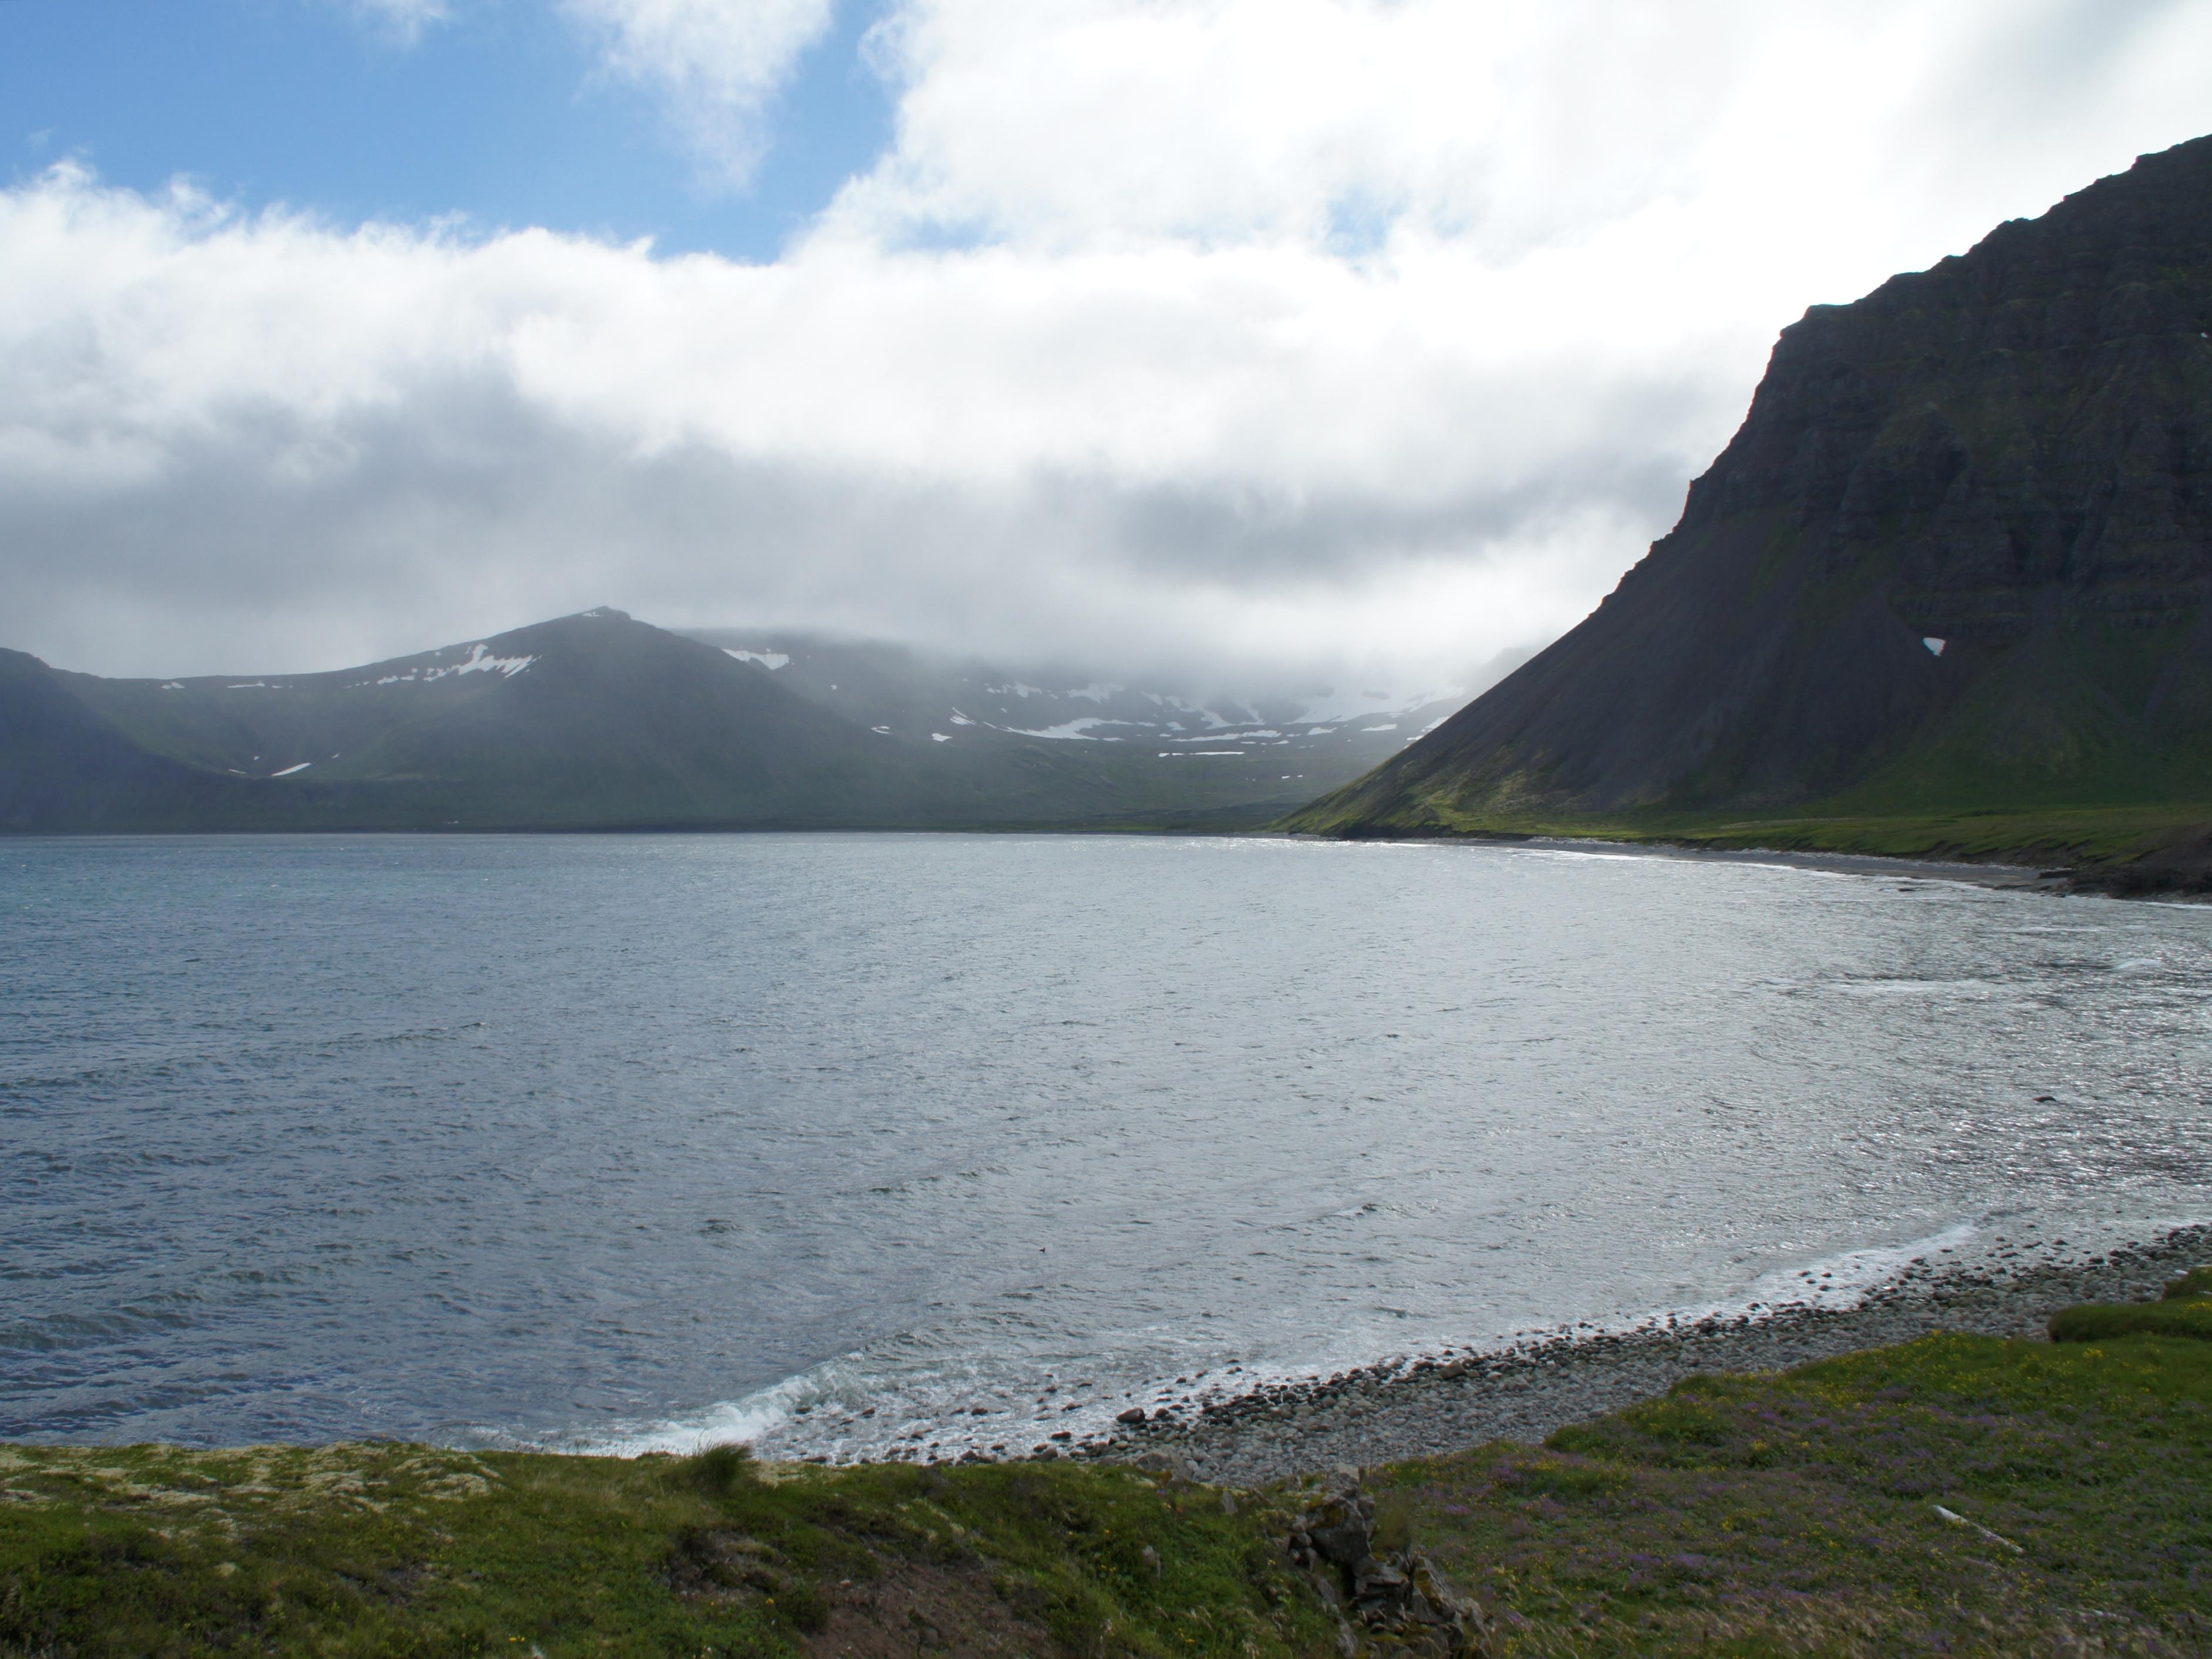 один день переводчика в местности Хорнстрандир, Исландия, фото 29